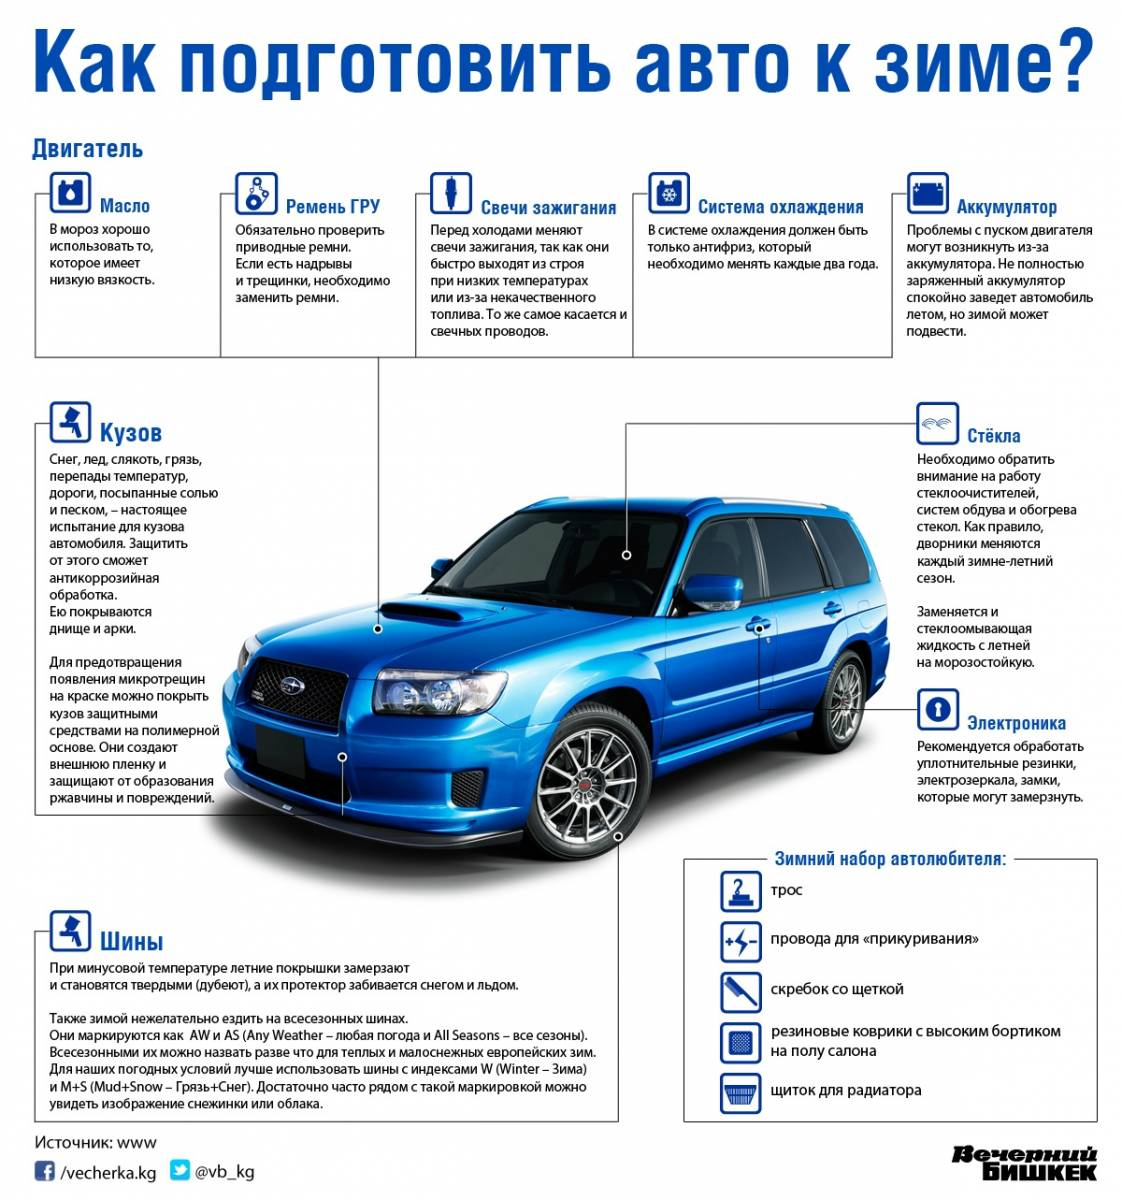 podgotovka-avtomobilya-k-zime